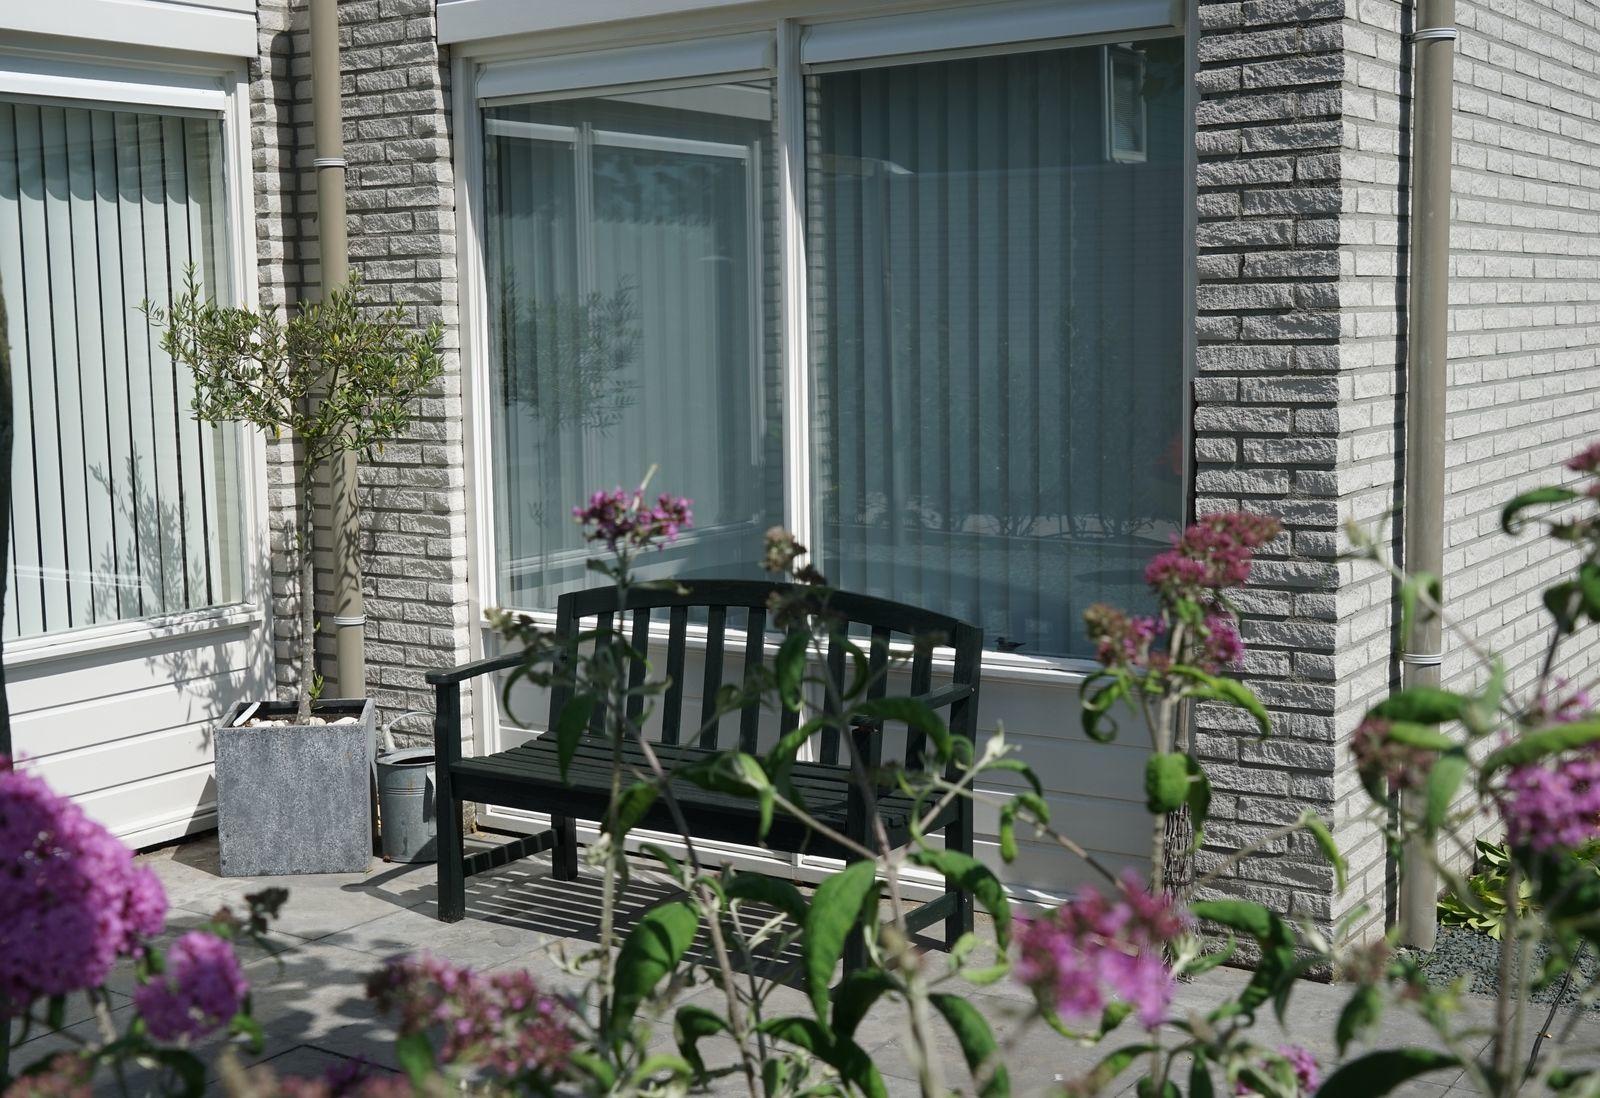 Populier 8 - Klepperstee Ouddorp - Villa Blanche